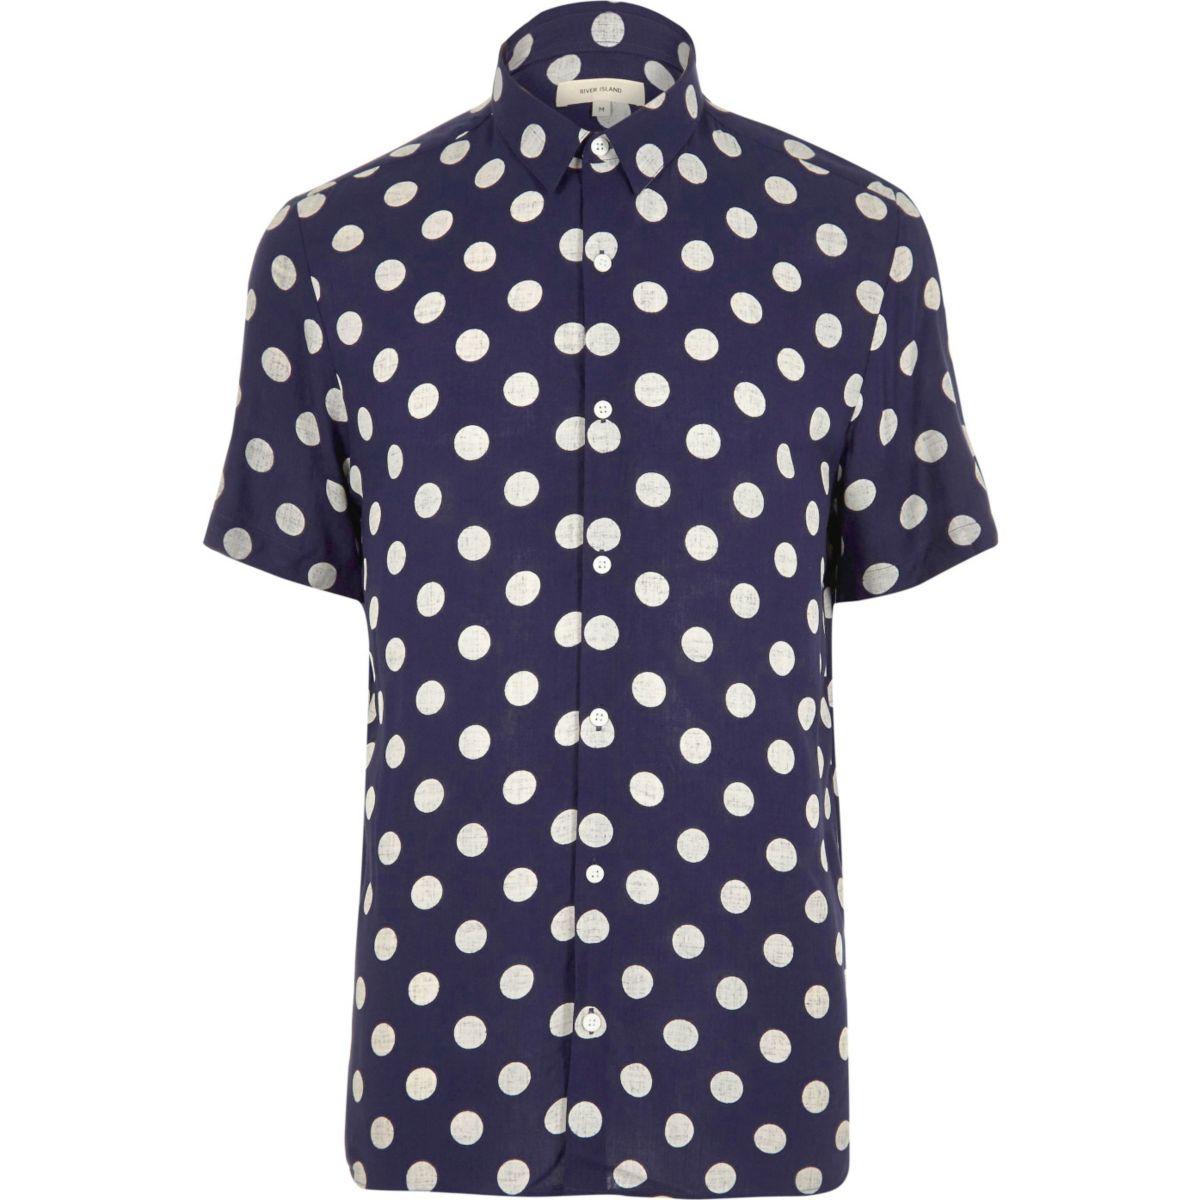 Chemise à pois bleu marine à manches courtes